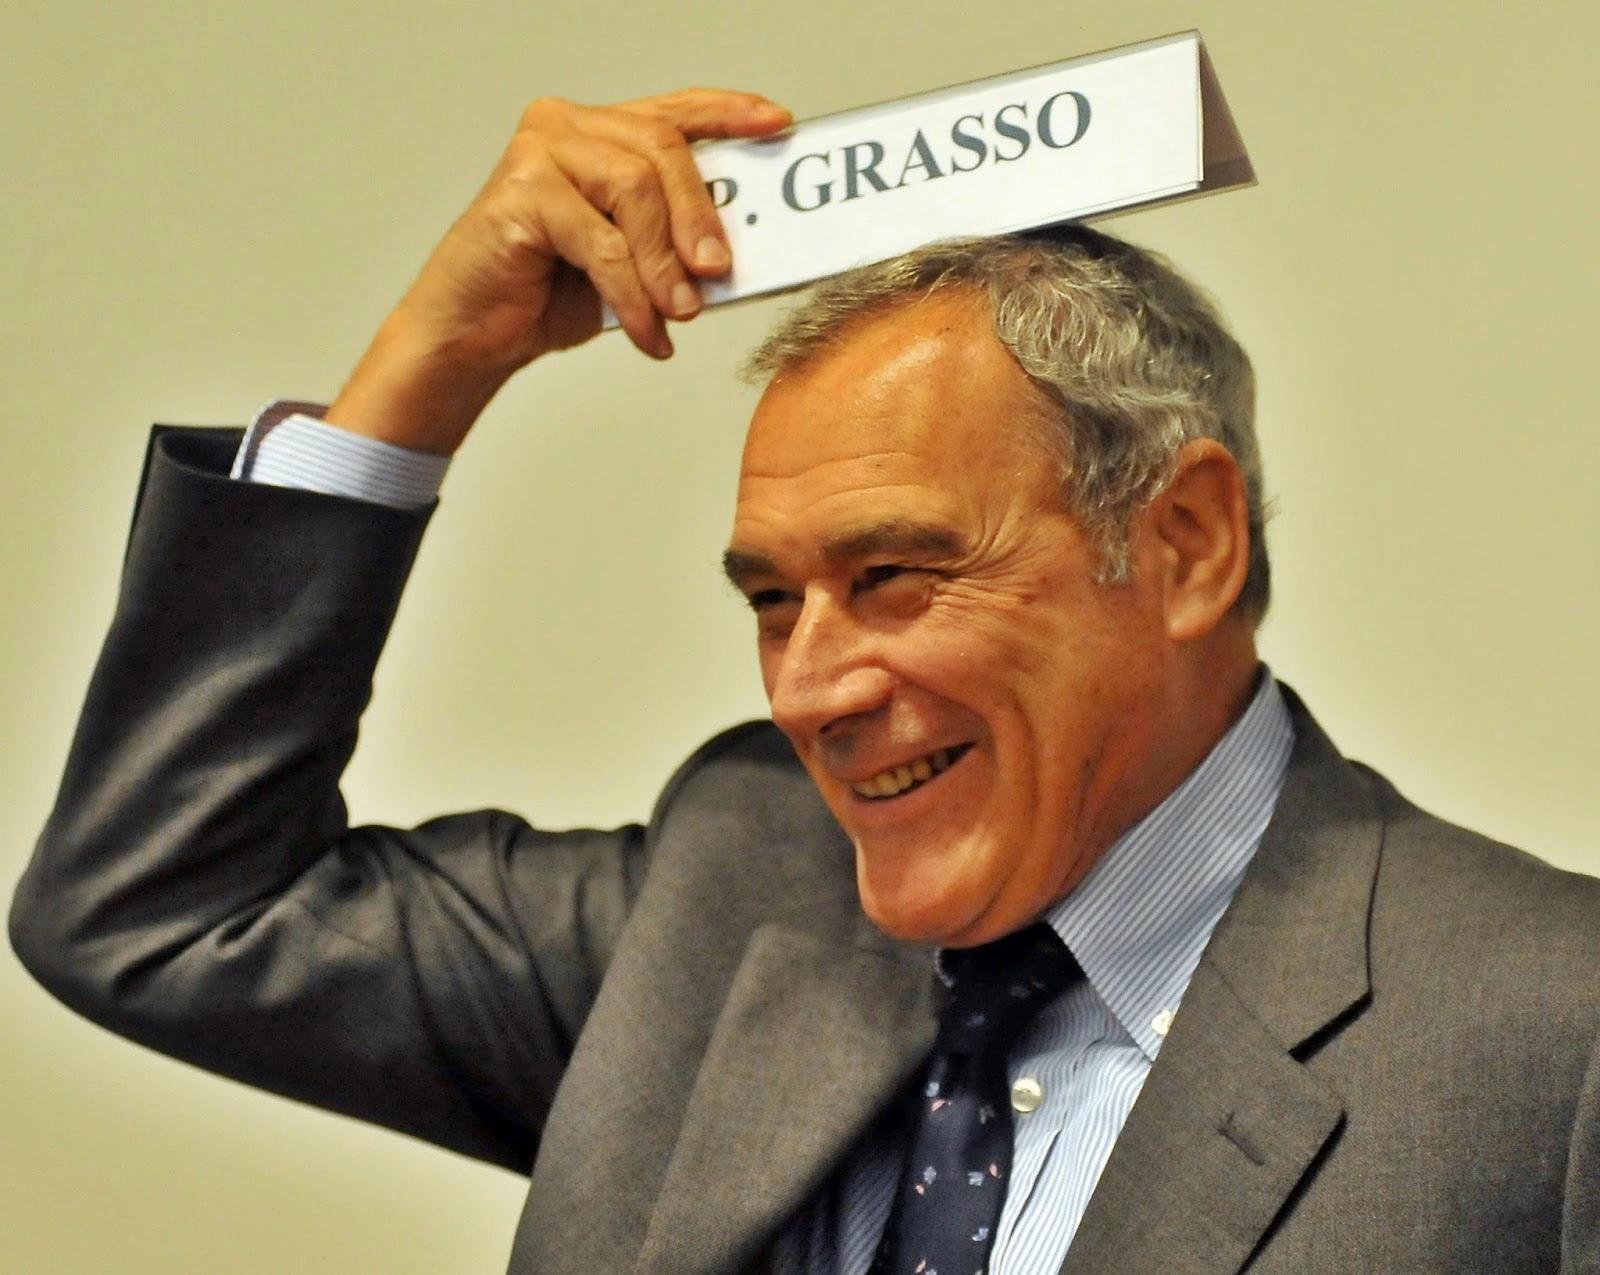 In Lombardia, il centrosinistra si spacca: scontro Pd-Leu